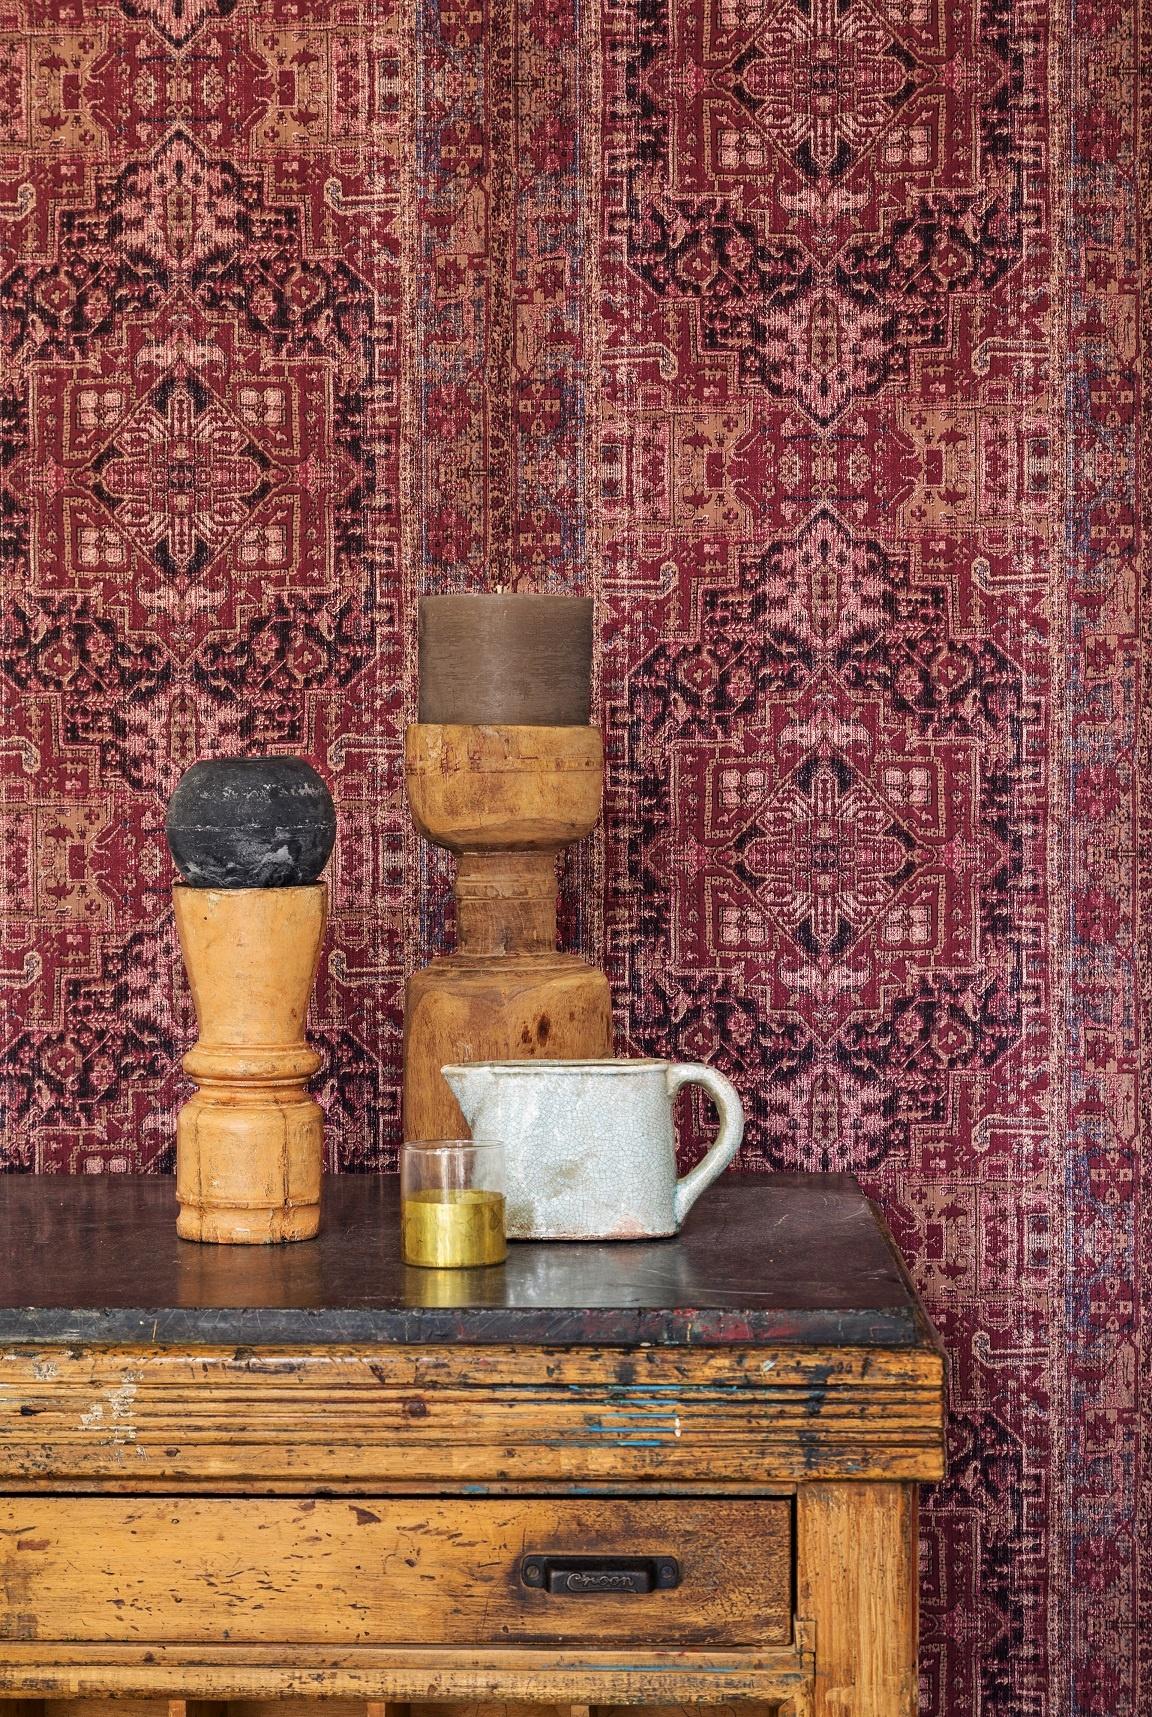 ausgefallene tapeten tapeten online kaufen im. Black Bedroom Furniture Sets. Home Design Ideas